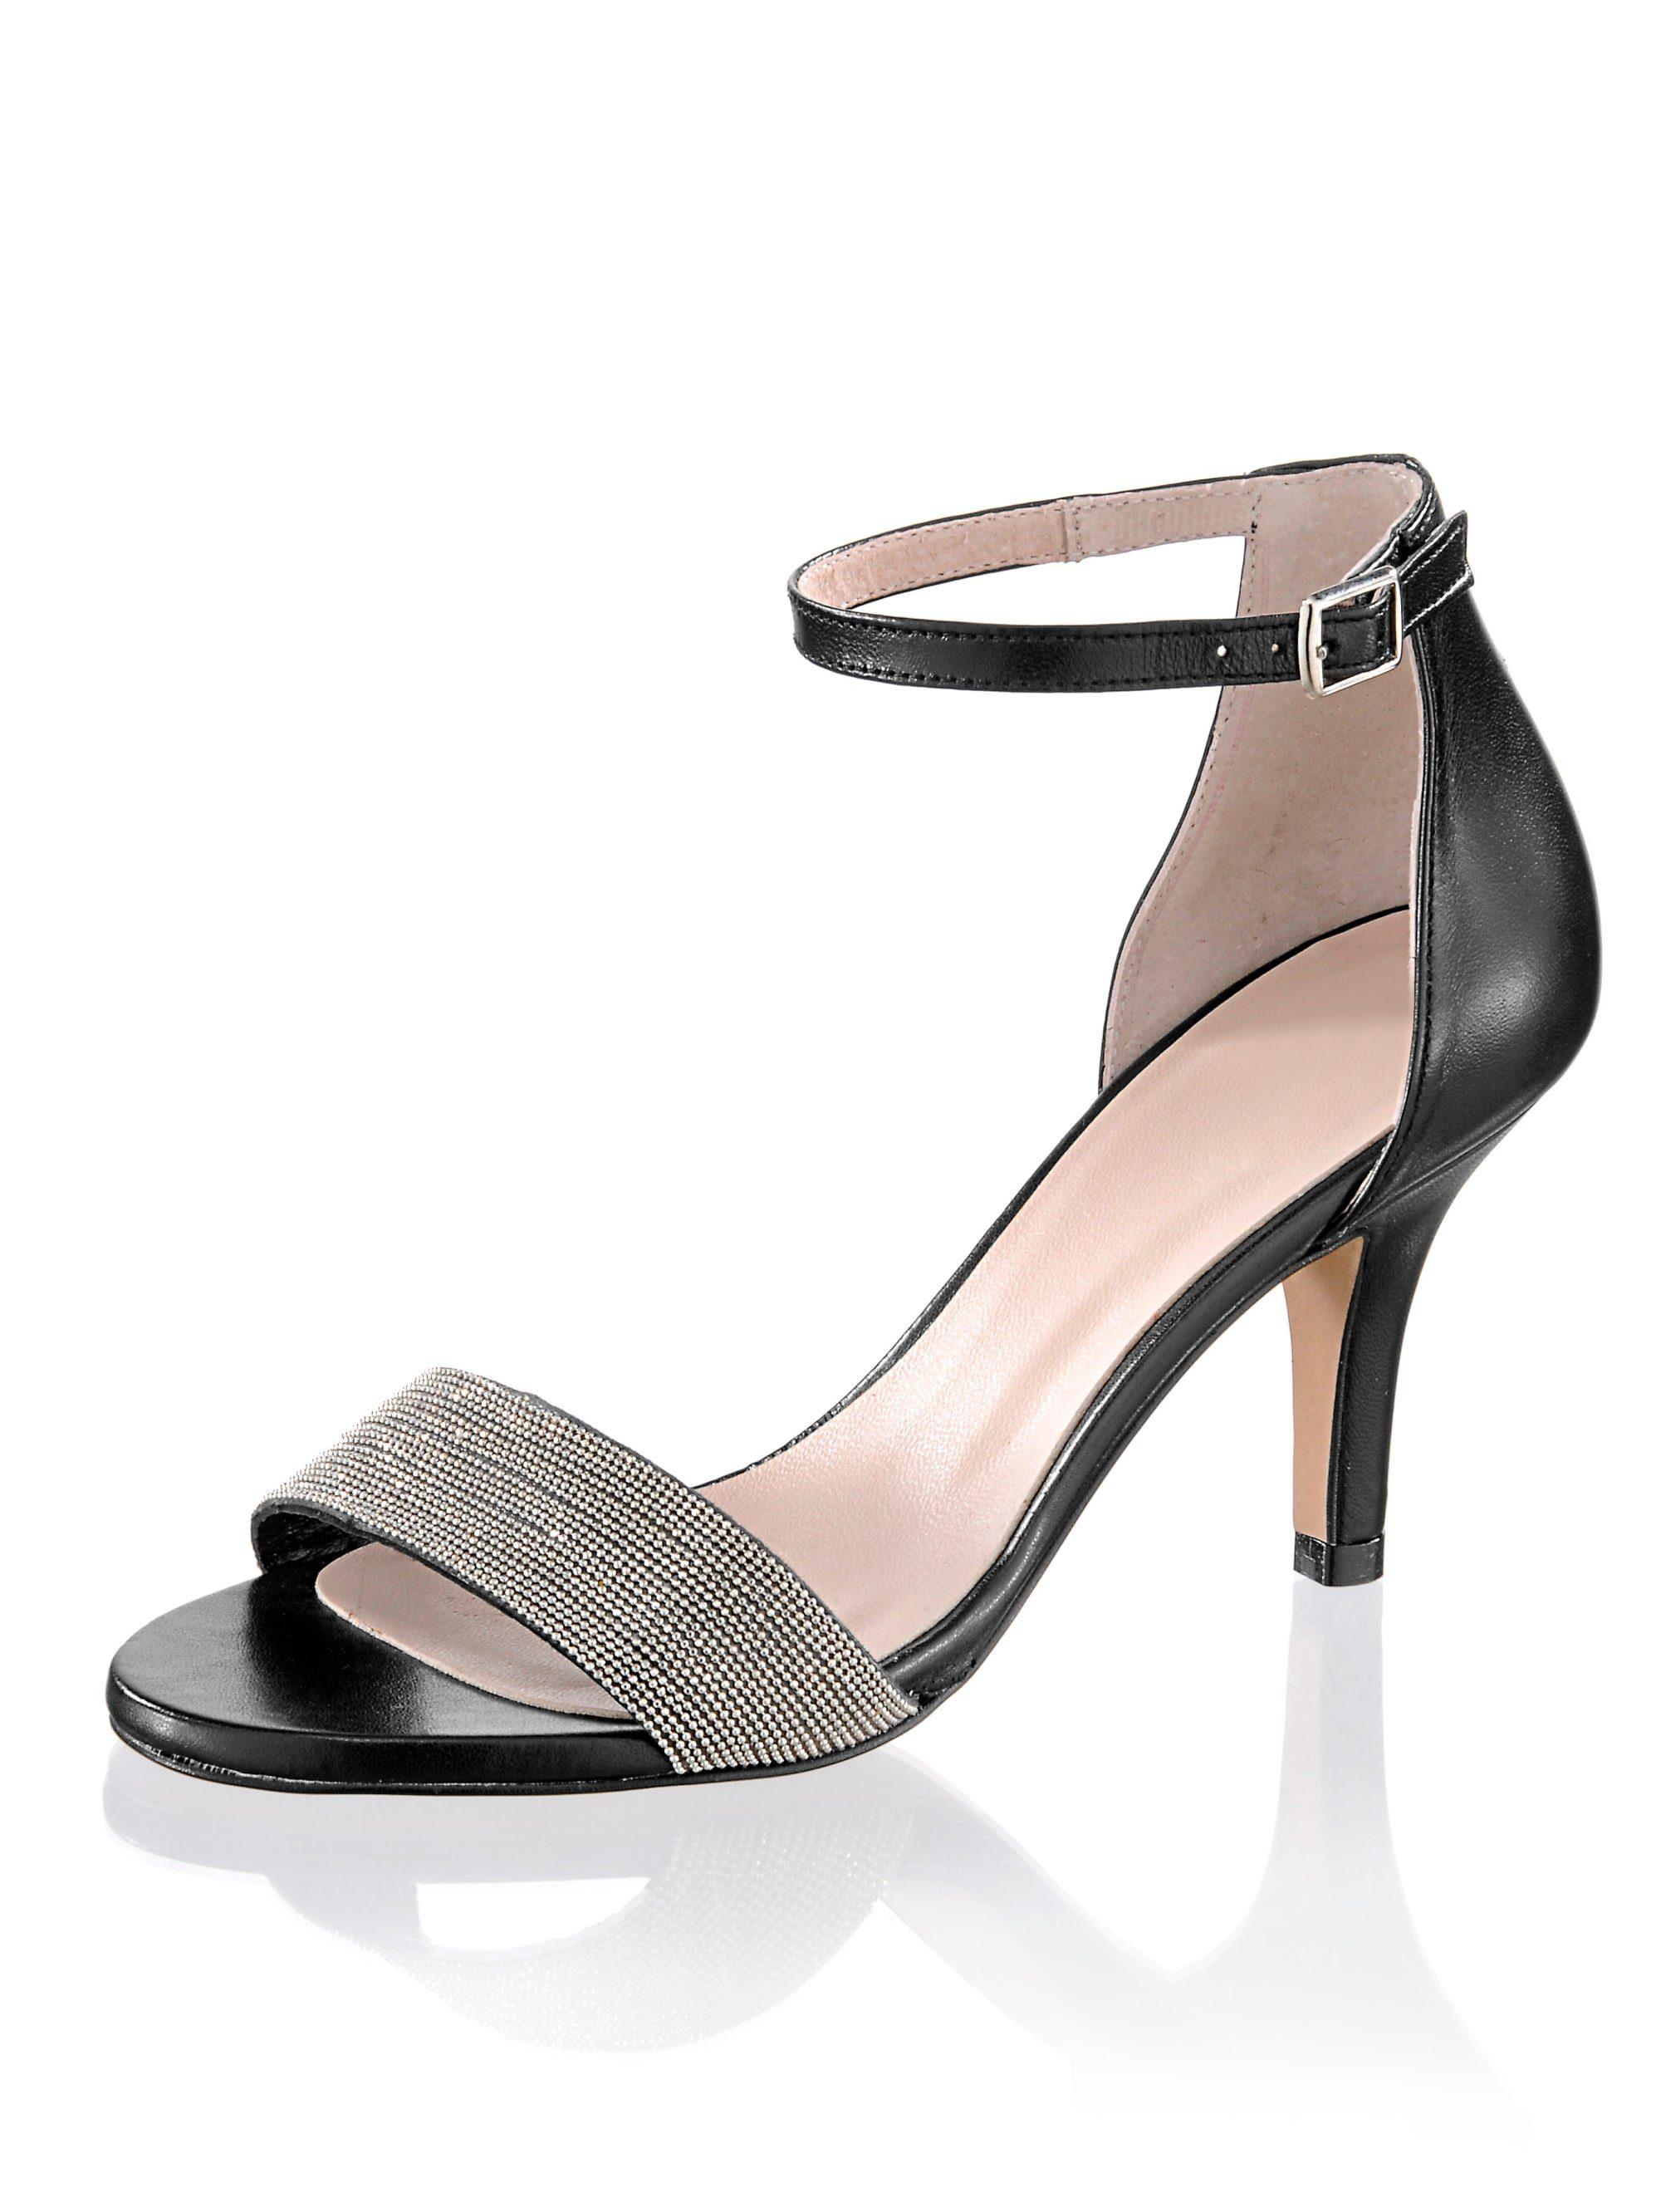 Alba Moda Sandalette im sommerlichen Style, Geschlossener, leicht hochgezogener Fersenbereich online kaufen | OTTO